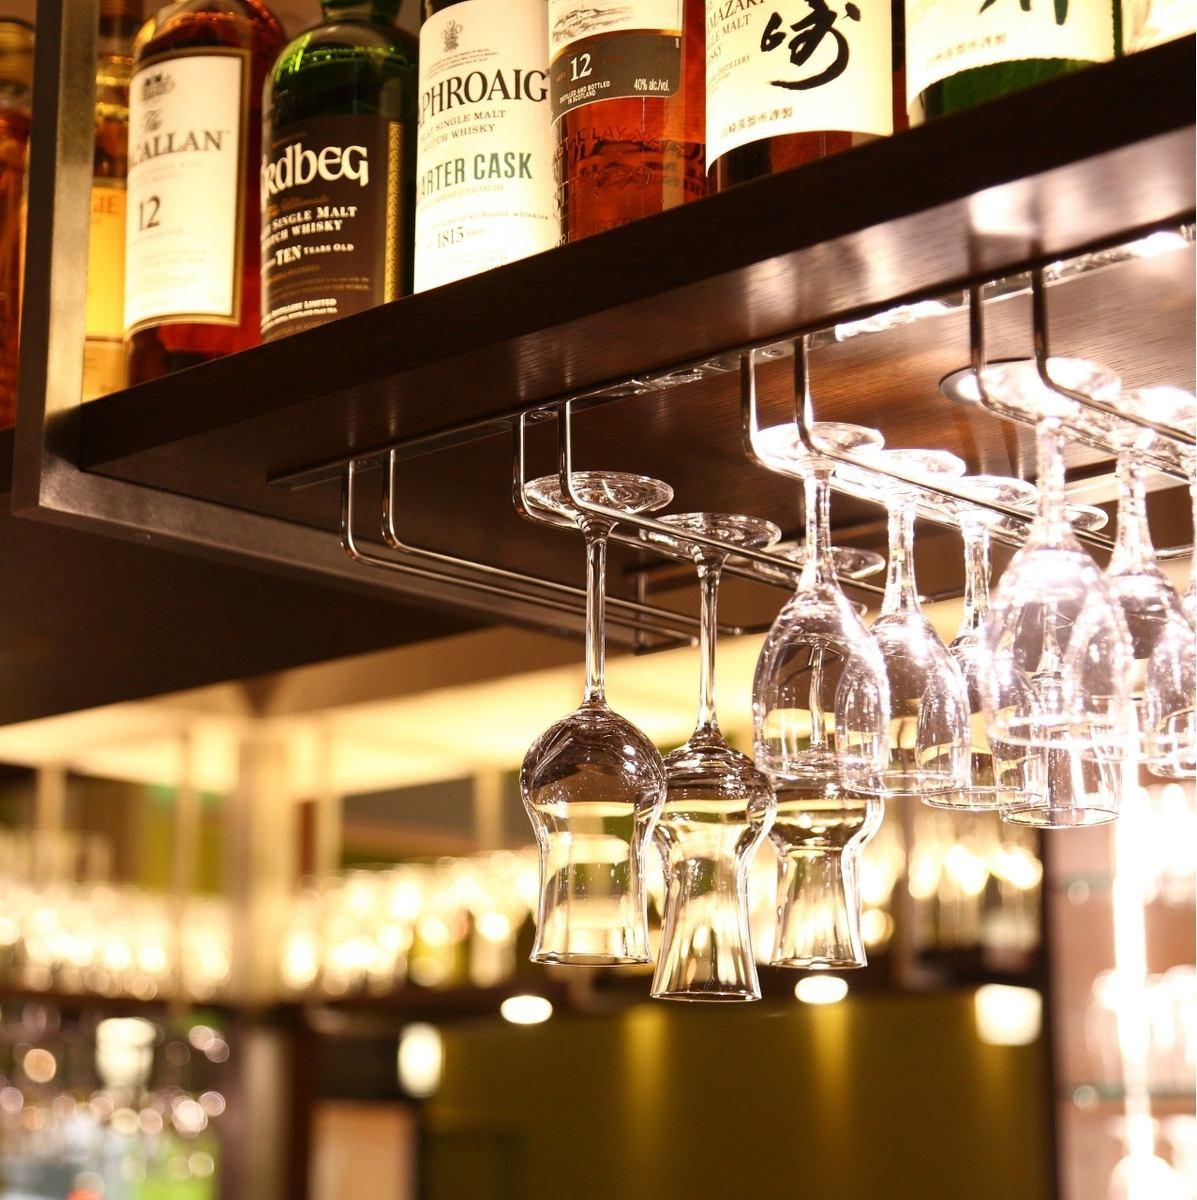 店内酒吧柜台♪有丰富的鸡尾酒,威士忌♪